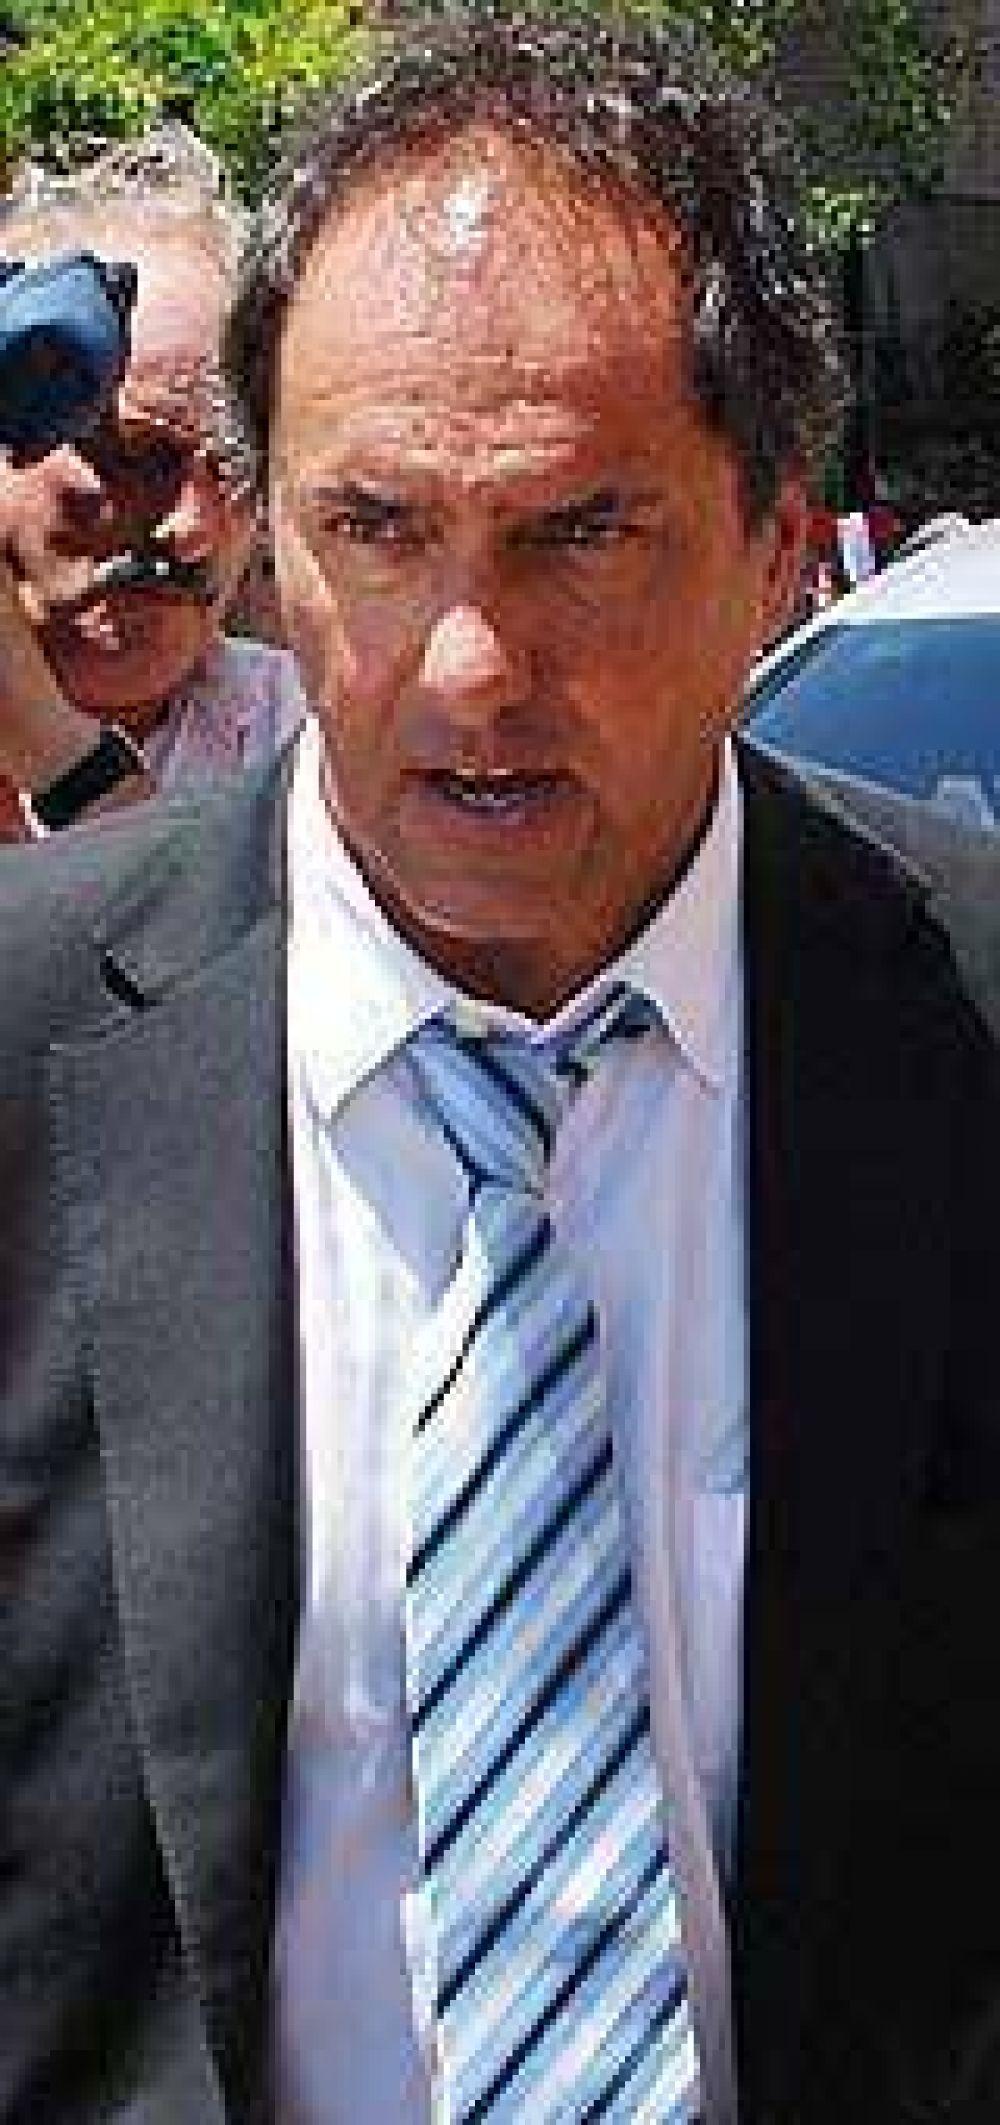 Scioli pidió a Massa aumentar la coparticipación de Buenos Aires debido a la sequía